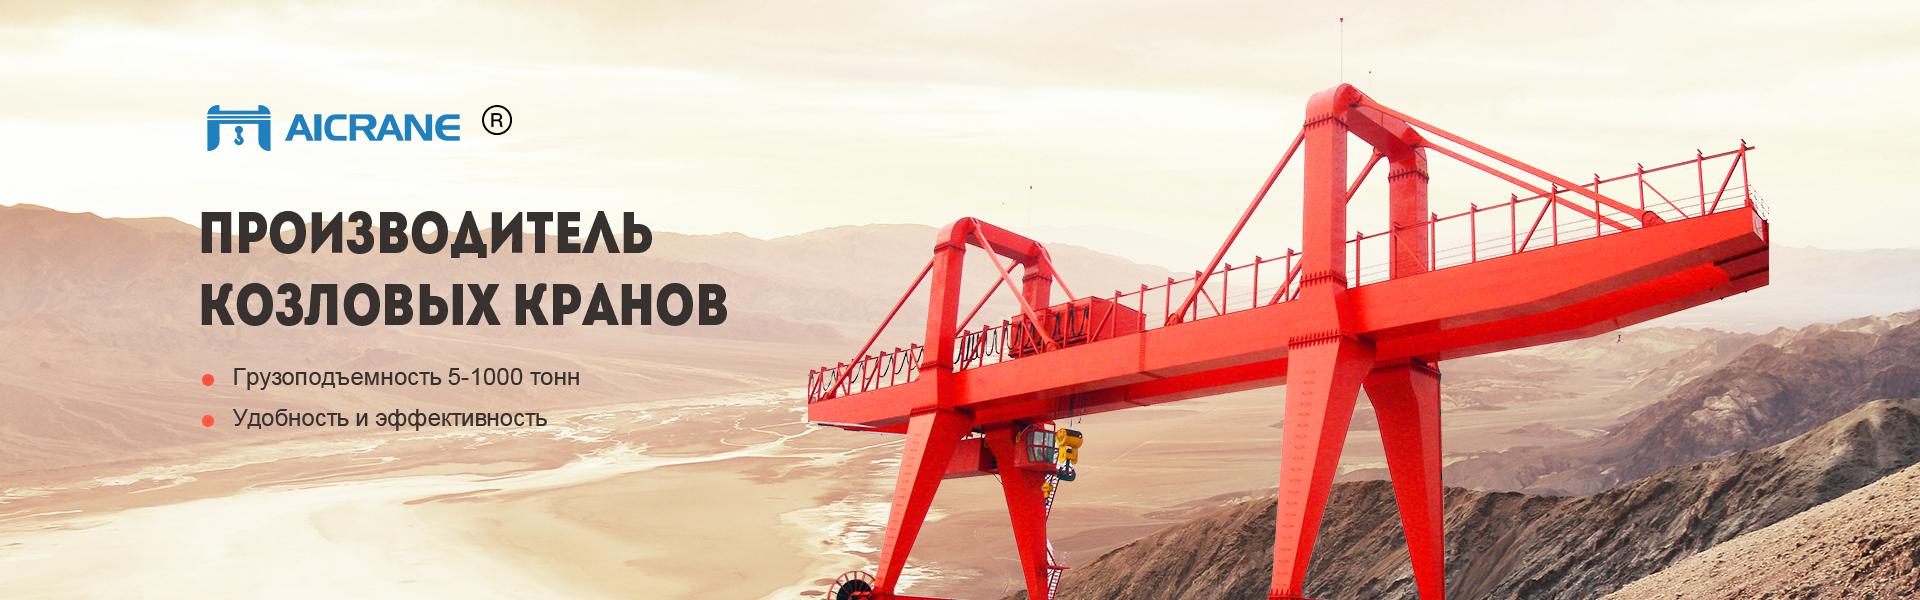 козловой кран banner-red-2